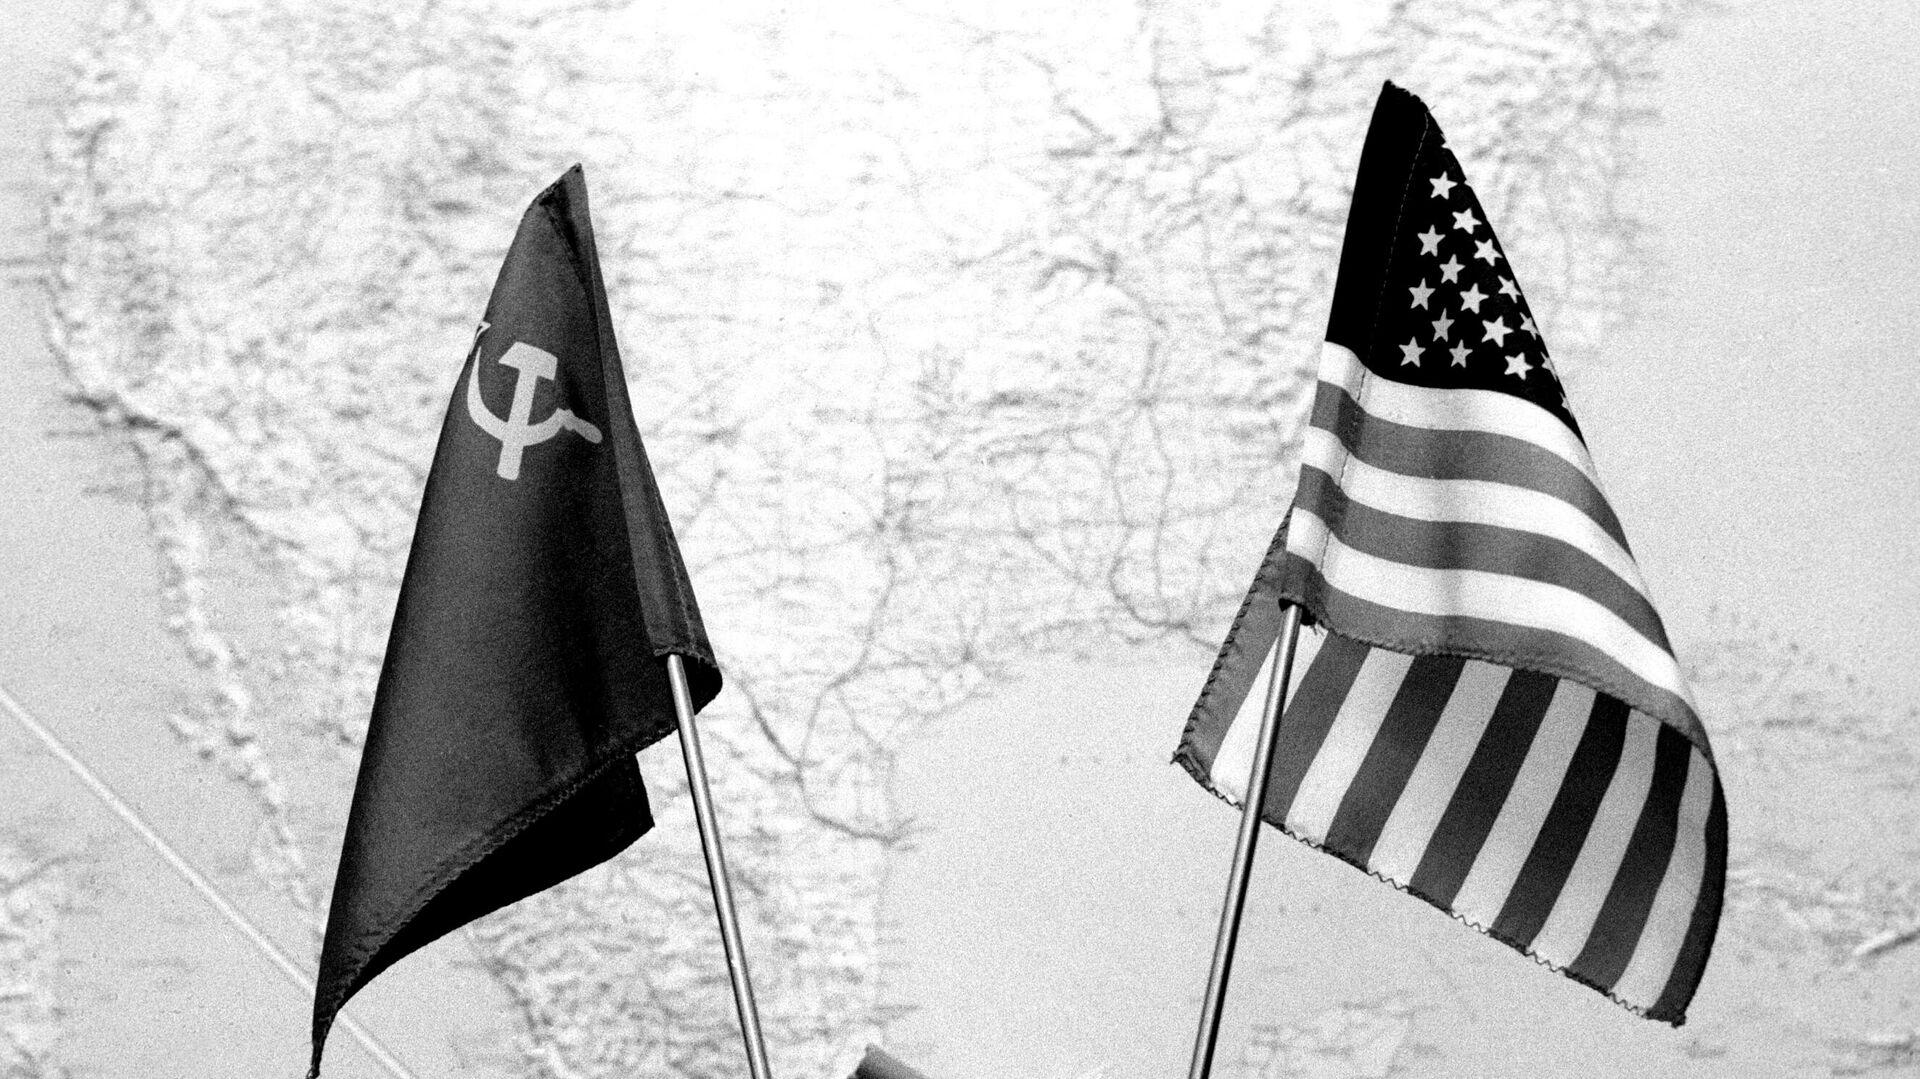 В Советском Центре по уменьшению ядерной опасности - РИА Новости, 1920, 22.12.2020